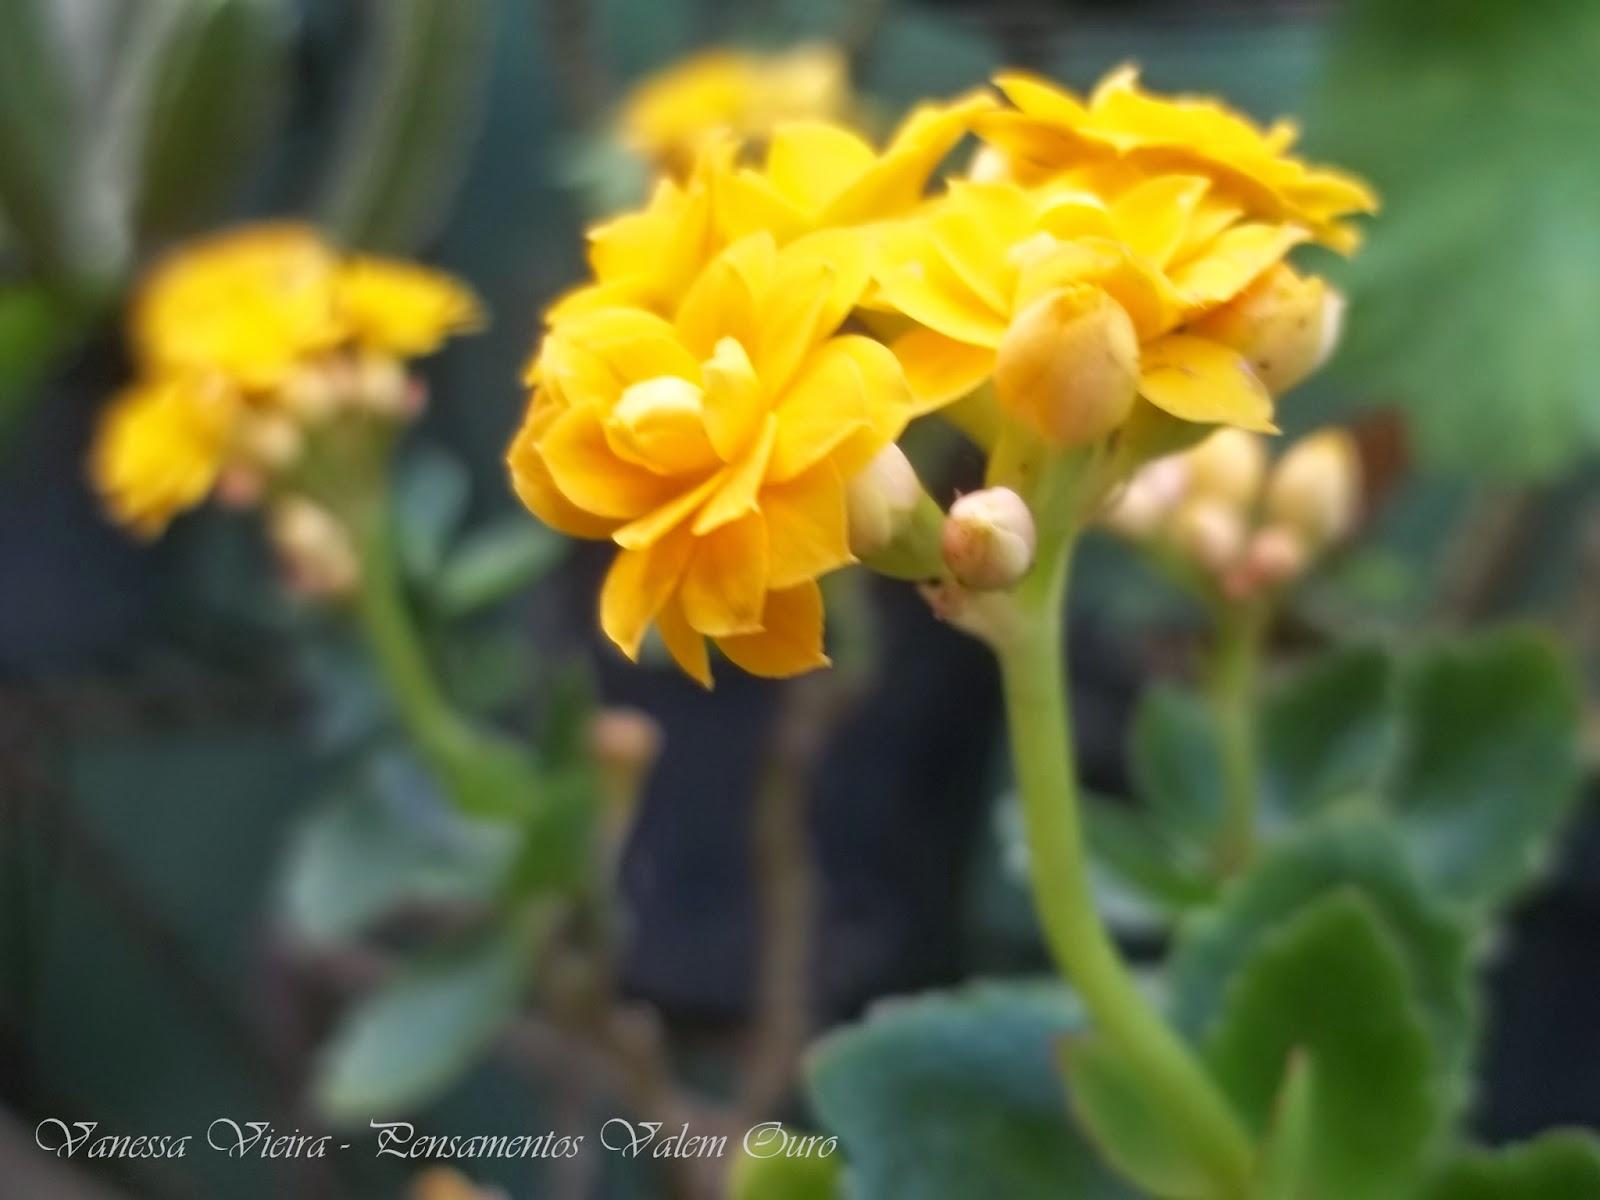 Fotografia, na nossa lente, primavera, Vanessa Vieira, Pensamentos Valem mais que Ouro